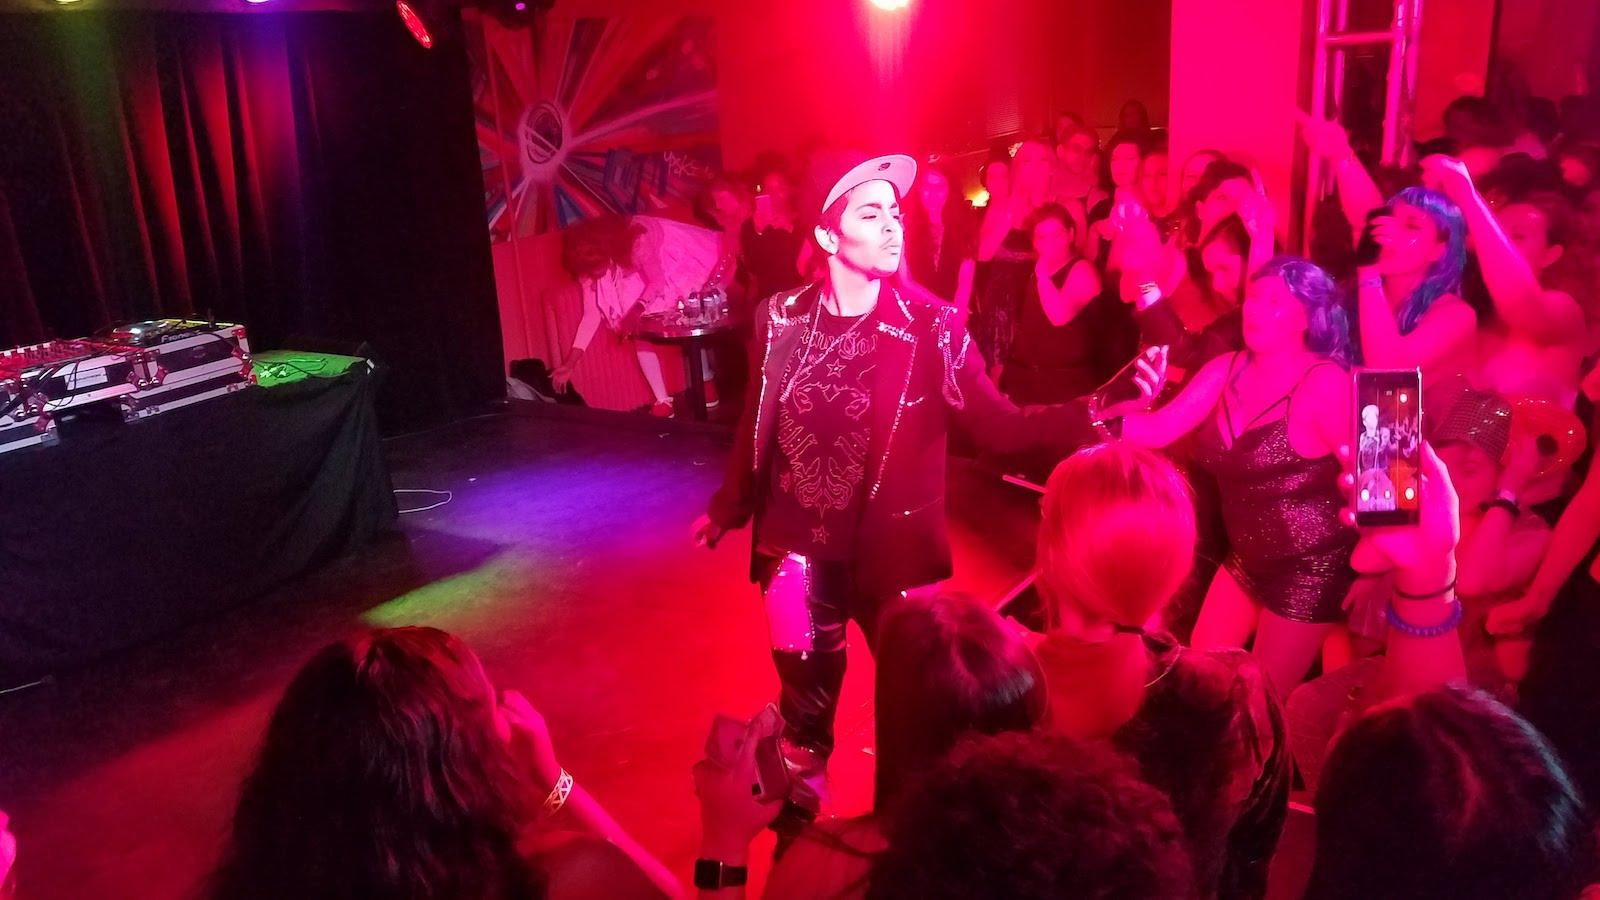 Santana Romero performing at the 'Sco.